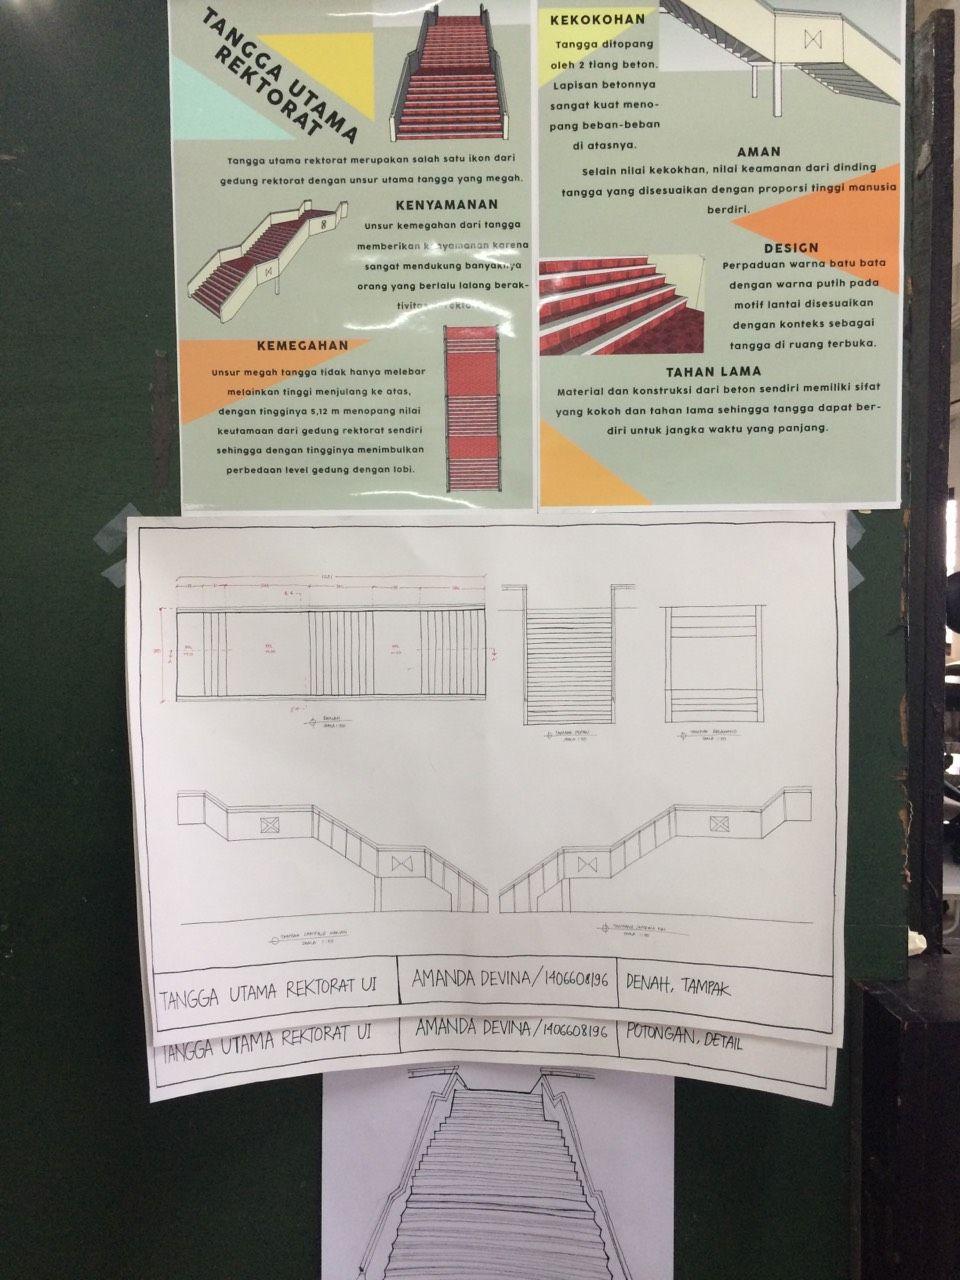 Layout display tangga rektorat amanda devina 1406608196 layout display tangga rektorat amanda devina 1406608196 ccuart Images